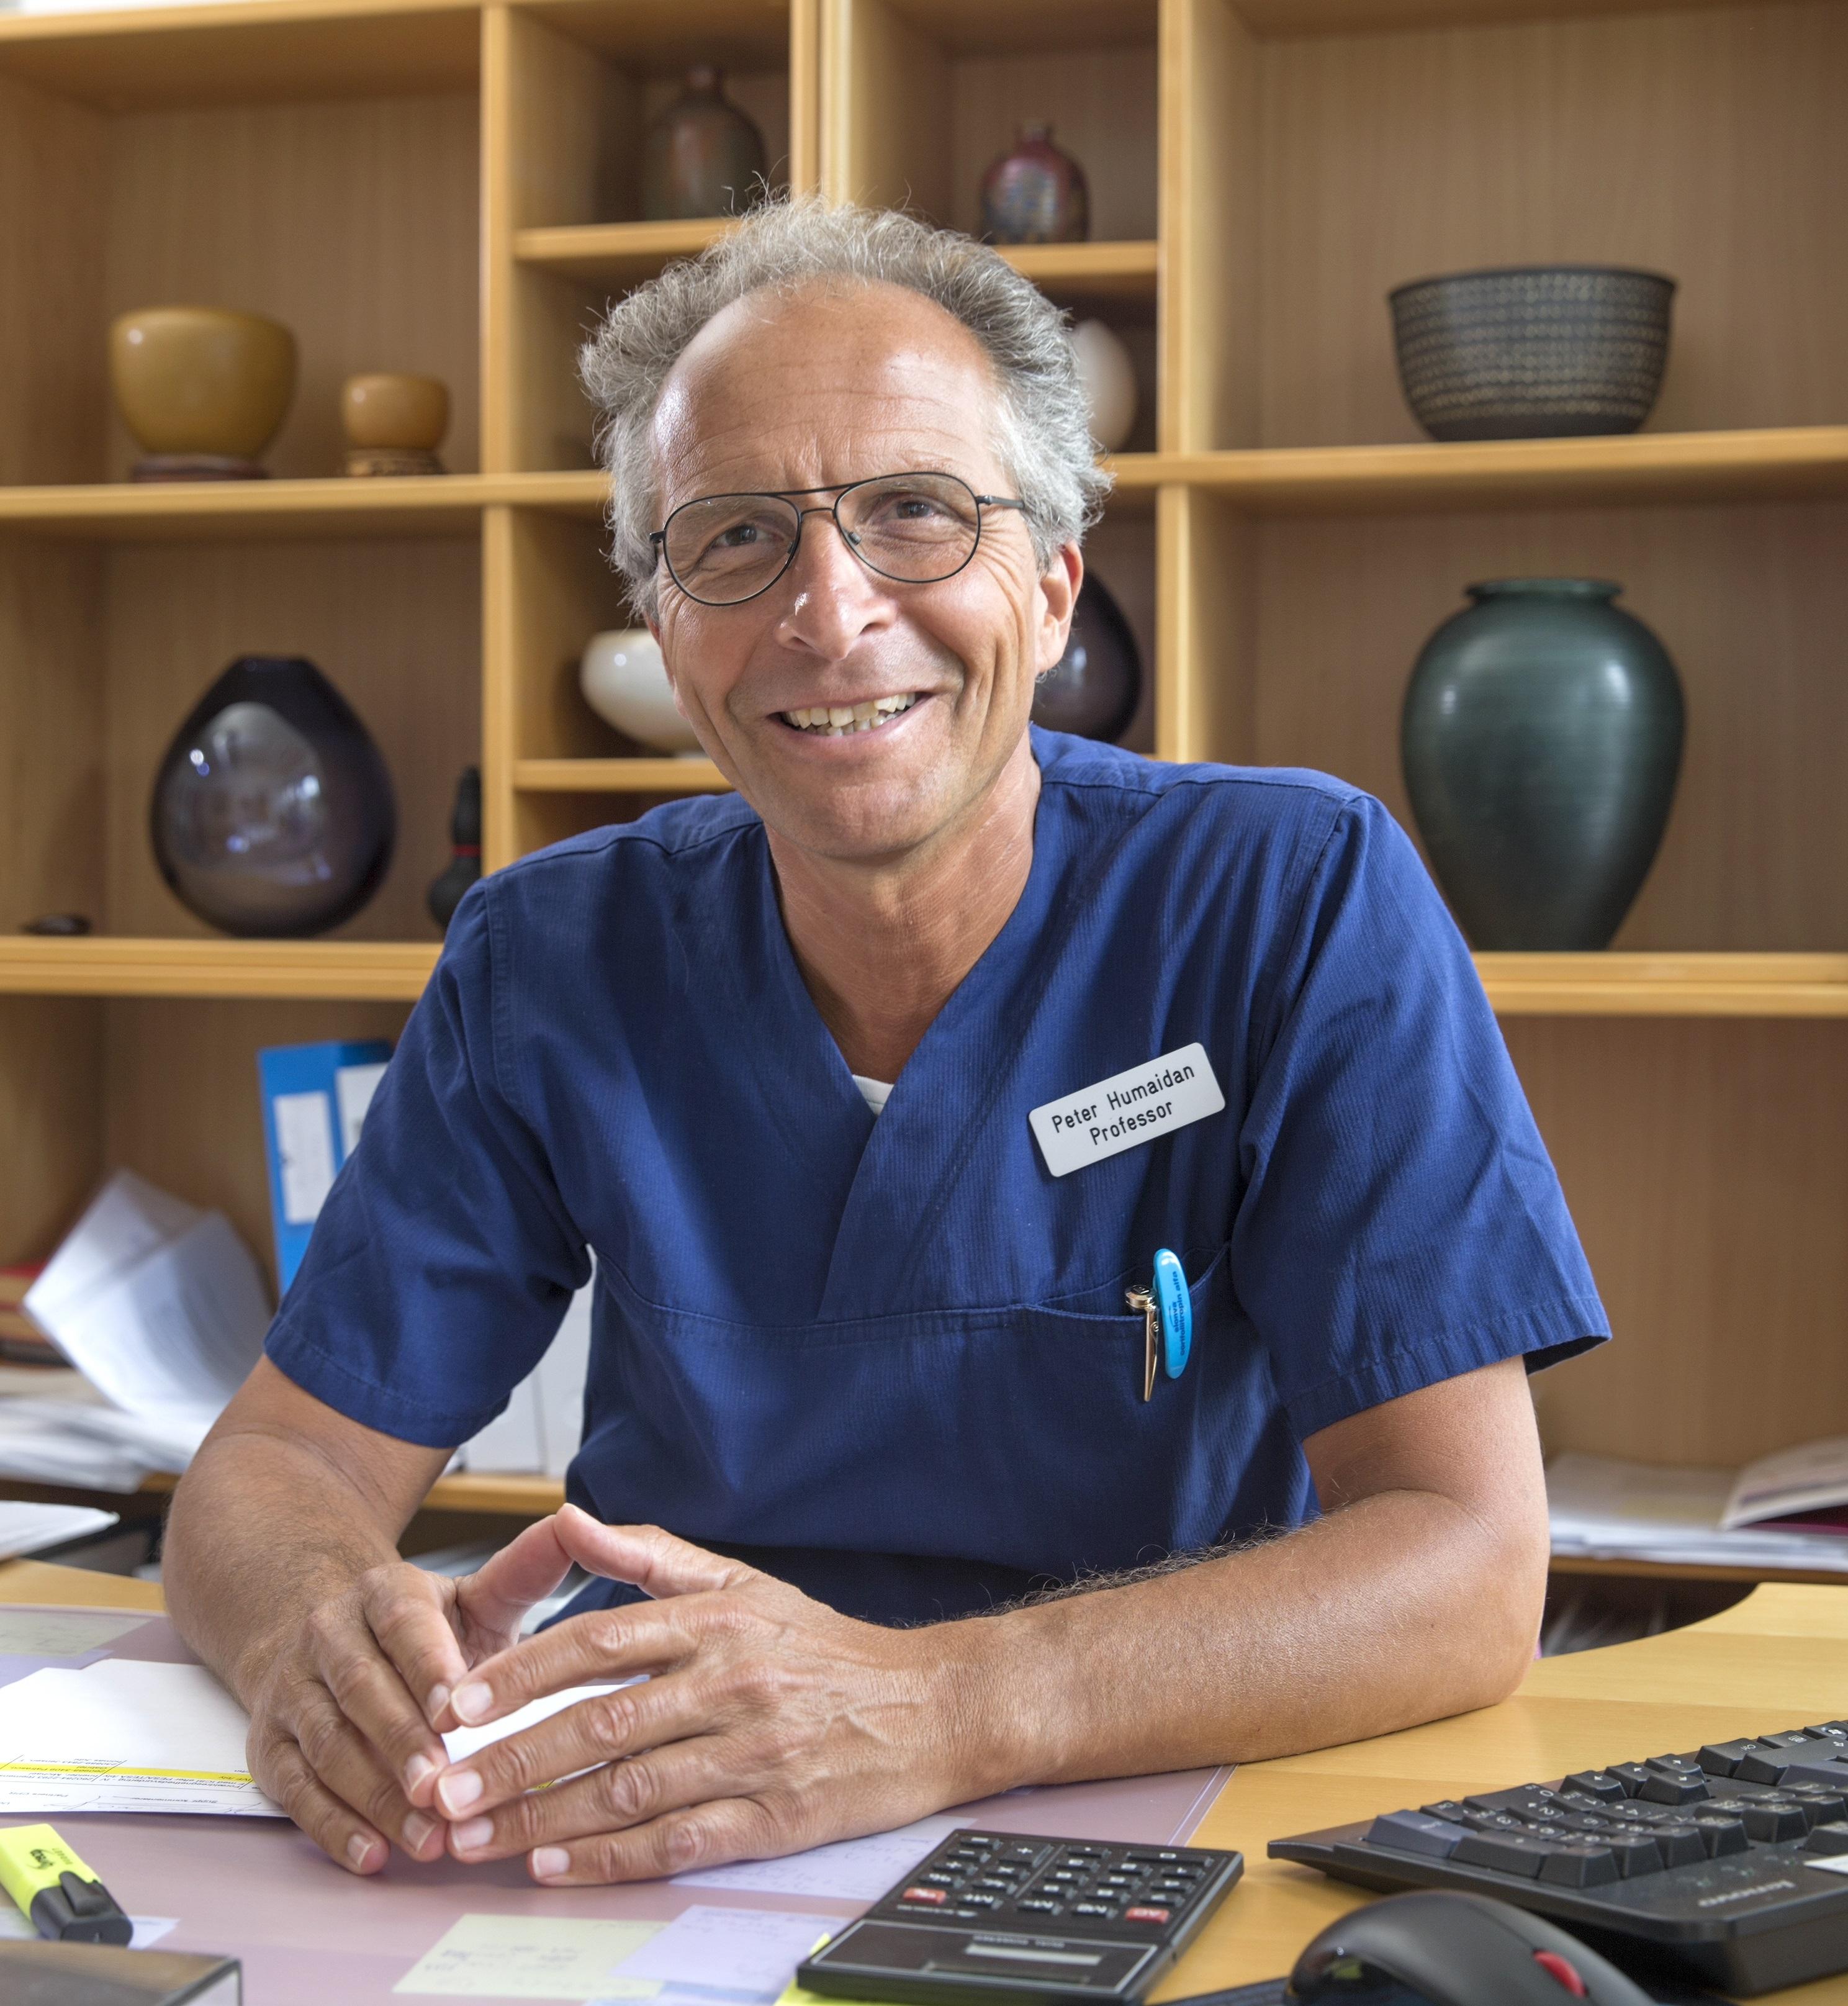 Peter Humaidan, Professor, DMSc